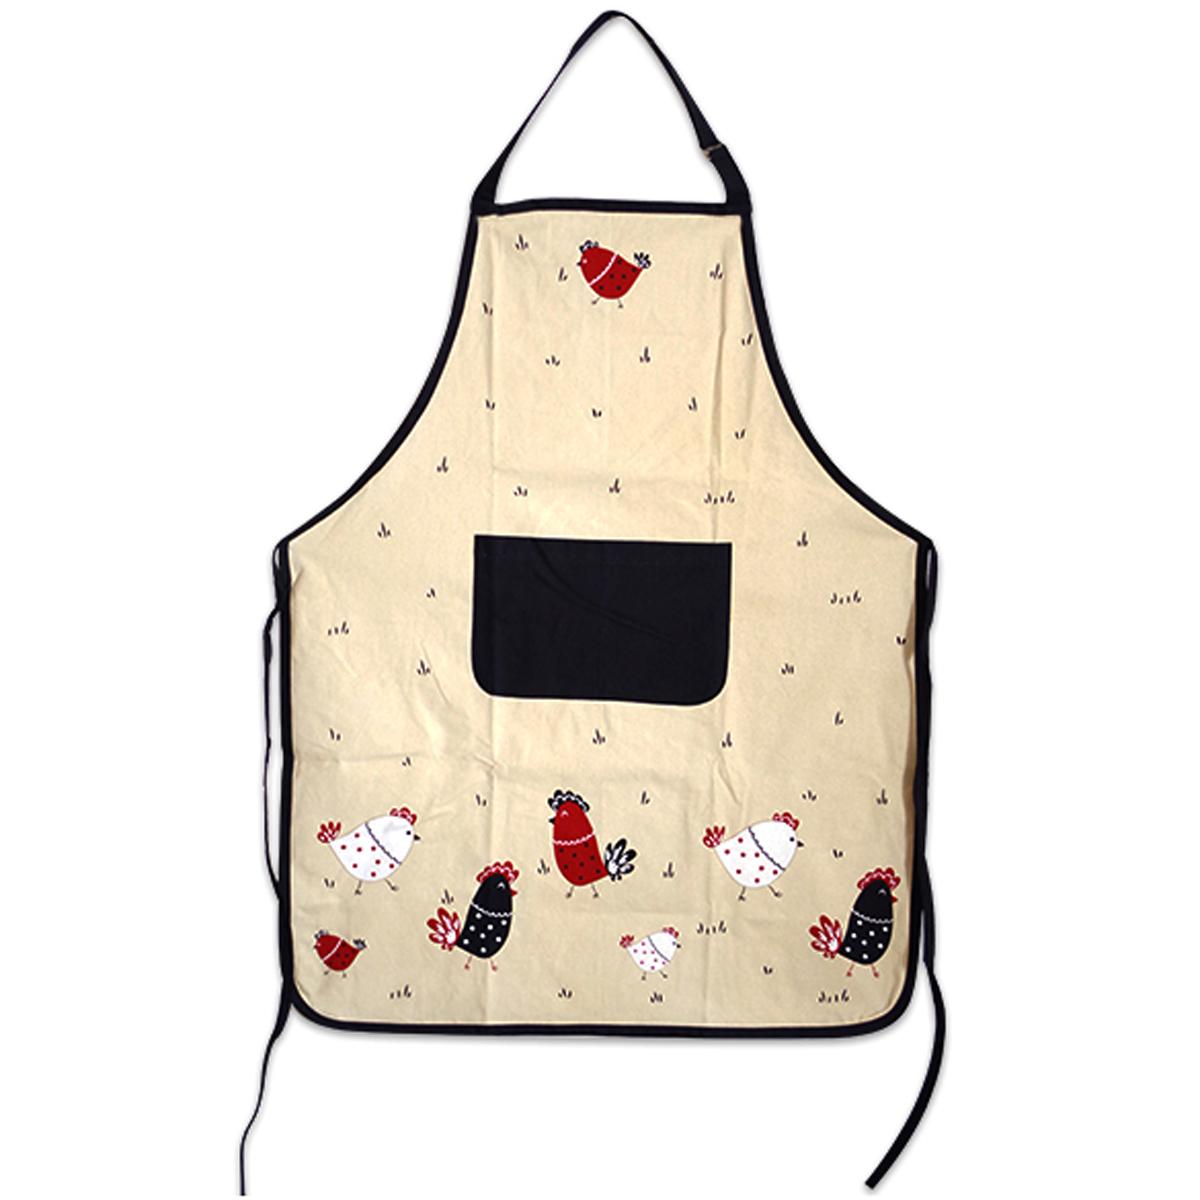 Tablier de cuisine coton \'Poules\' rouge beige noir - 90x70 cm - [A0249]